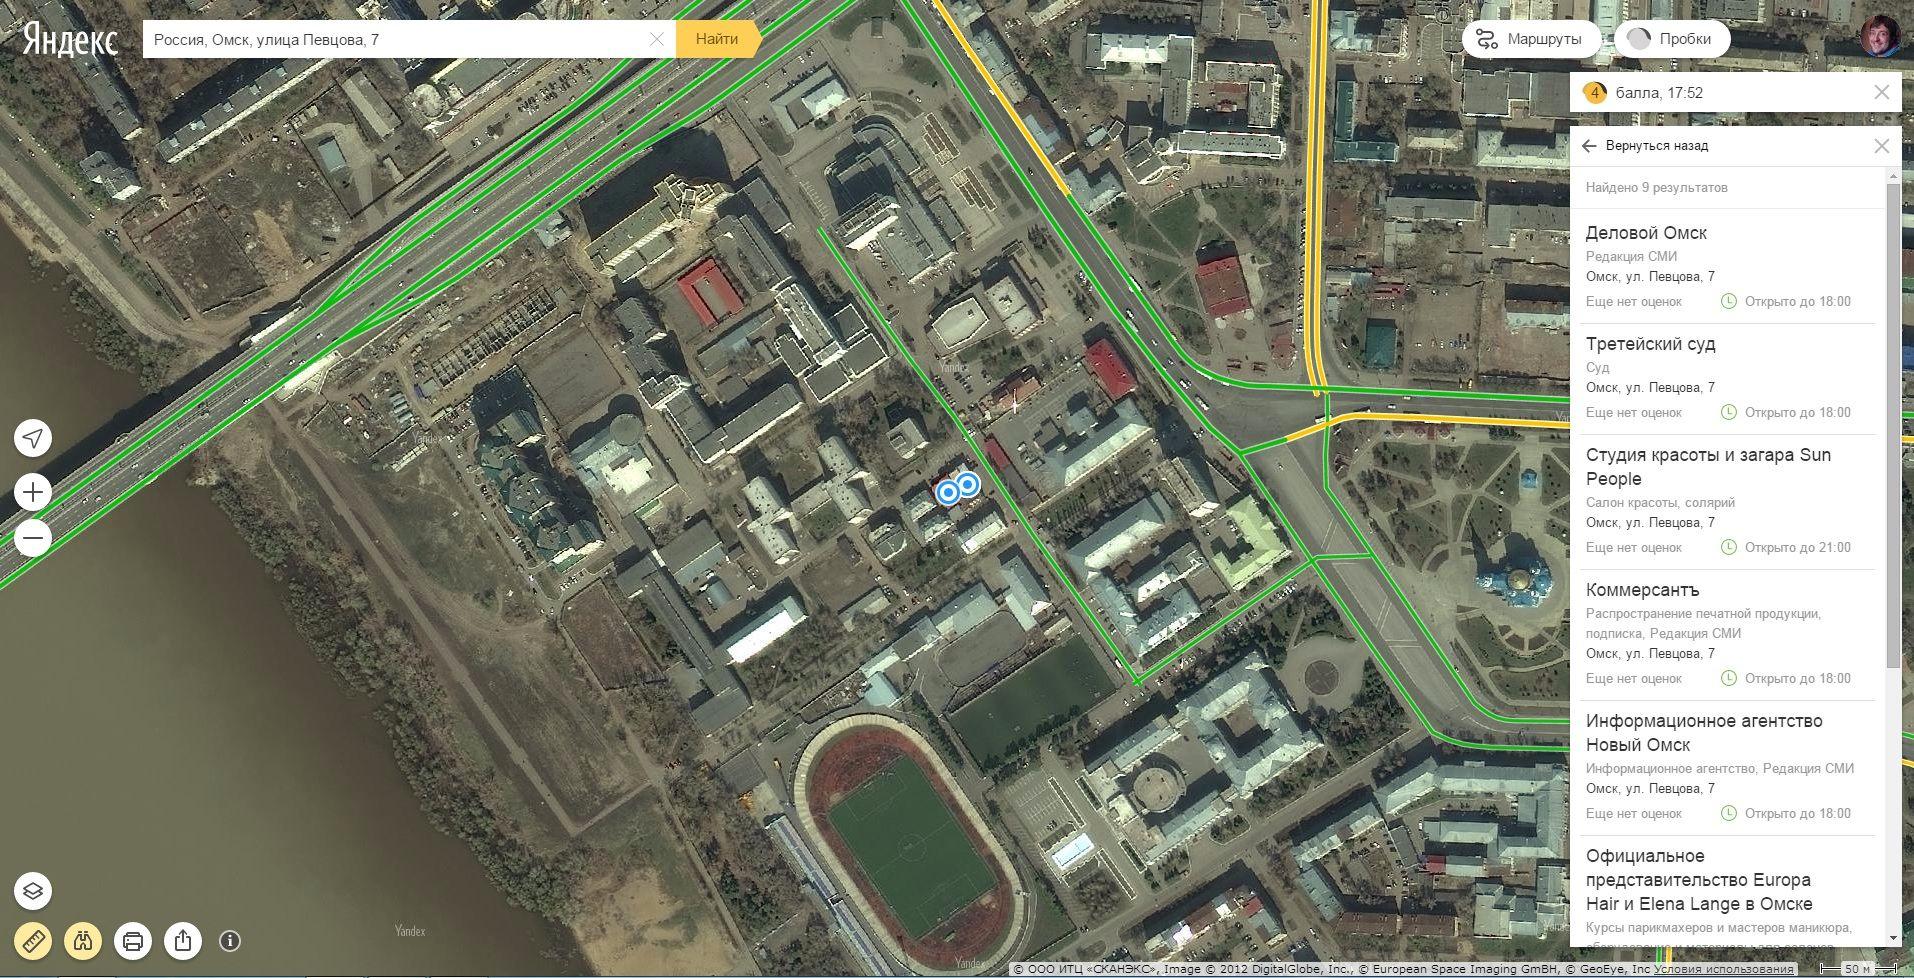 Гугл карта россии со спутника в режиме настоящего времени